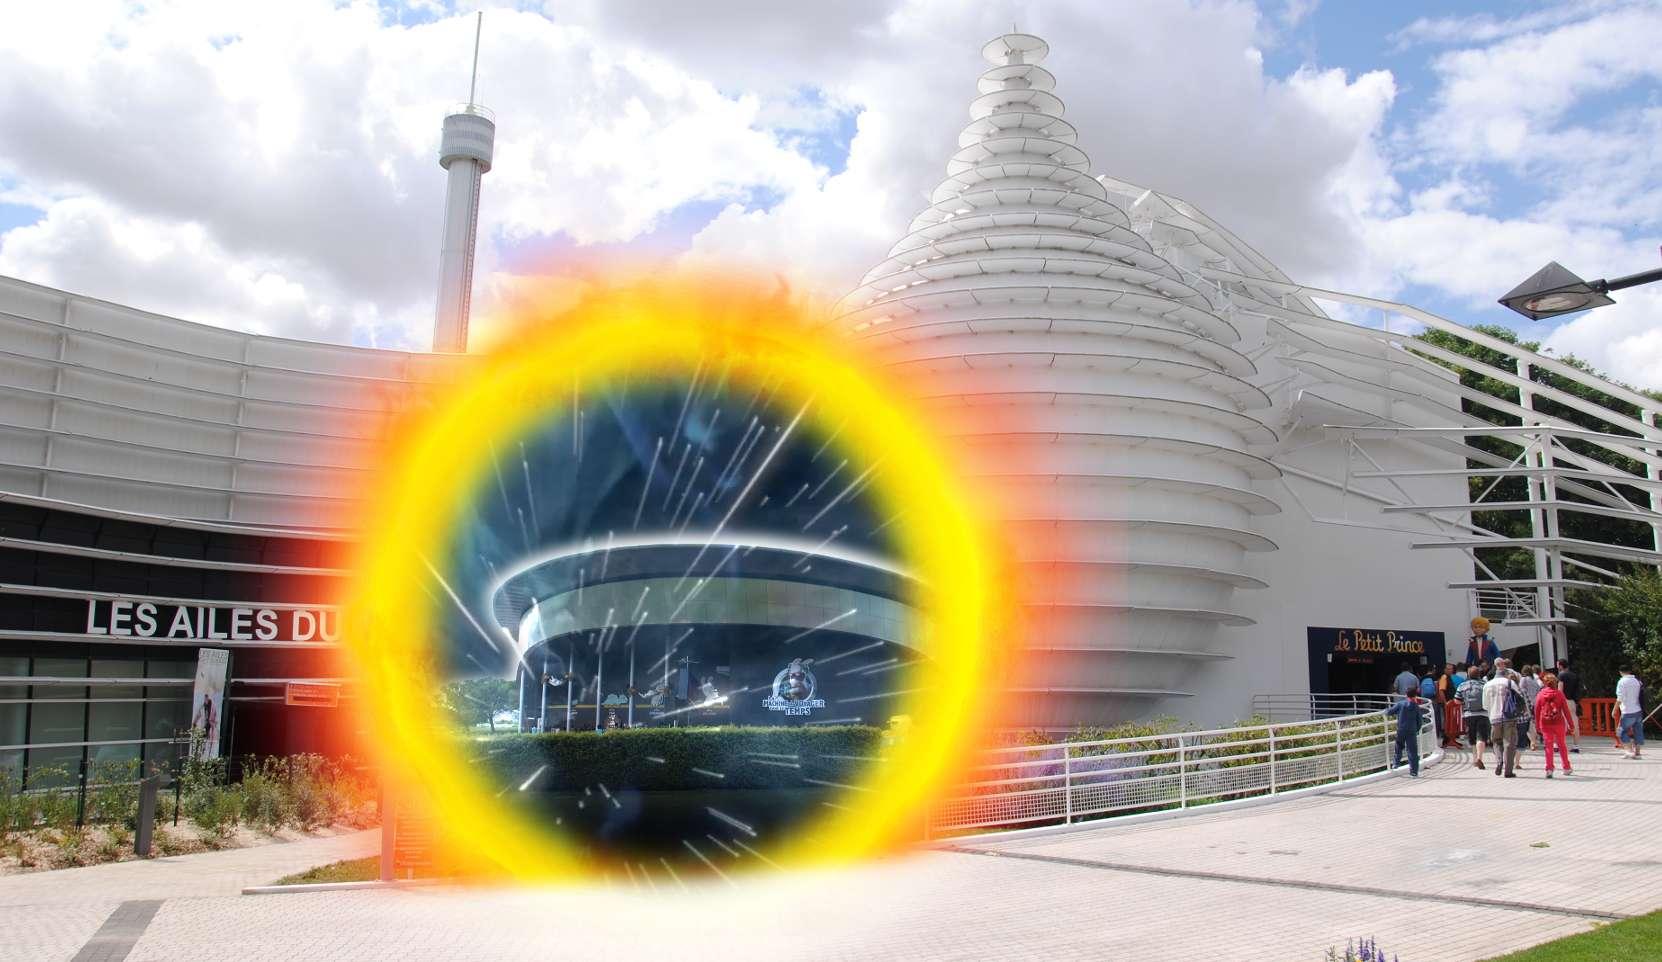 Portails de téléportation dans les allées du Futuroscope 0210